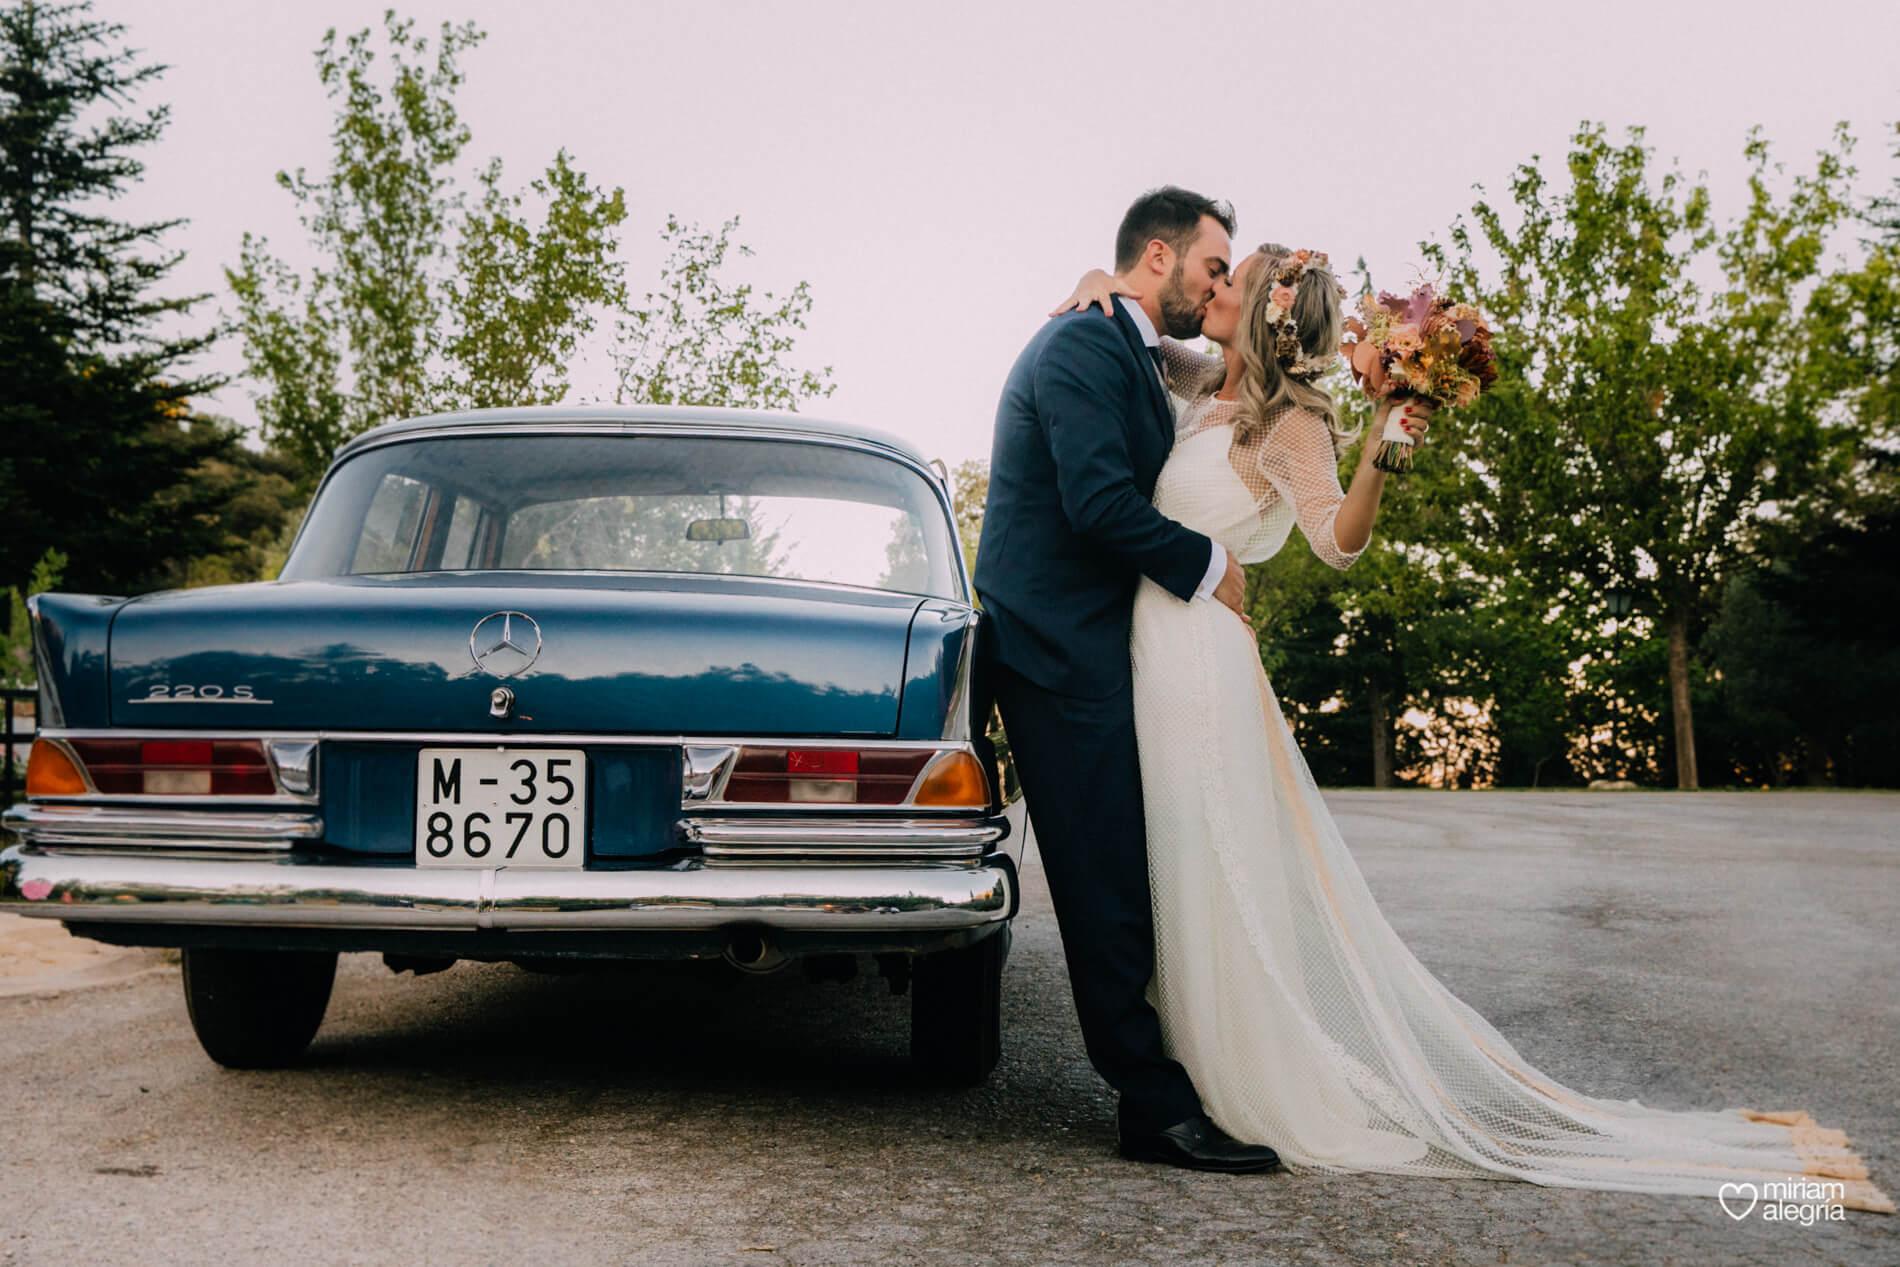 boda-en-collados-miriam-alegria-cayetana-ferrer-89